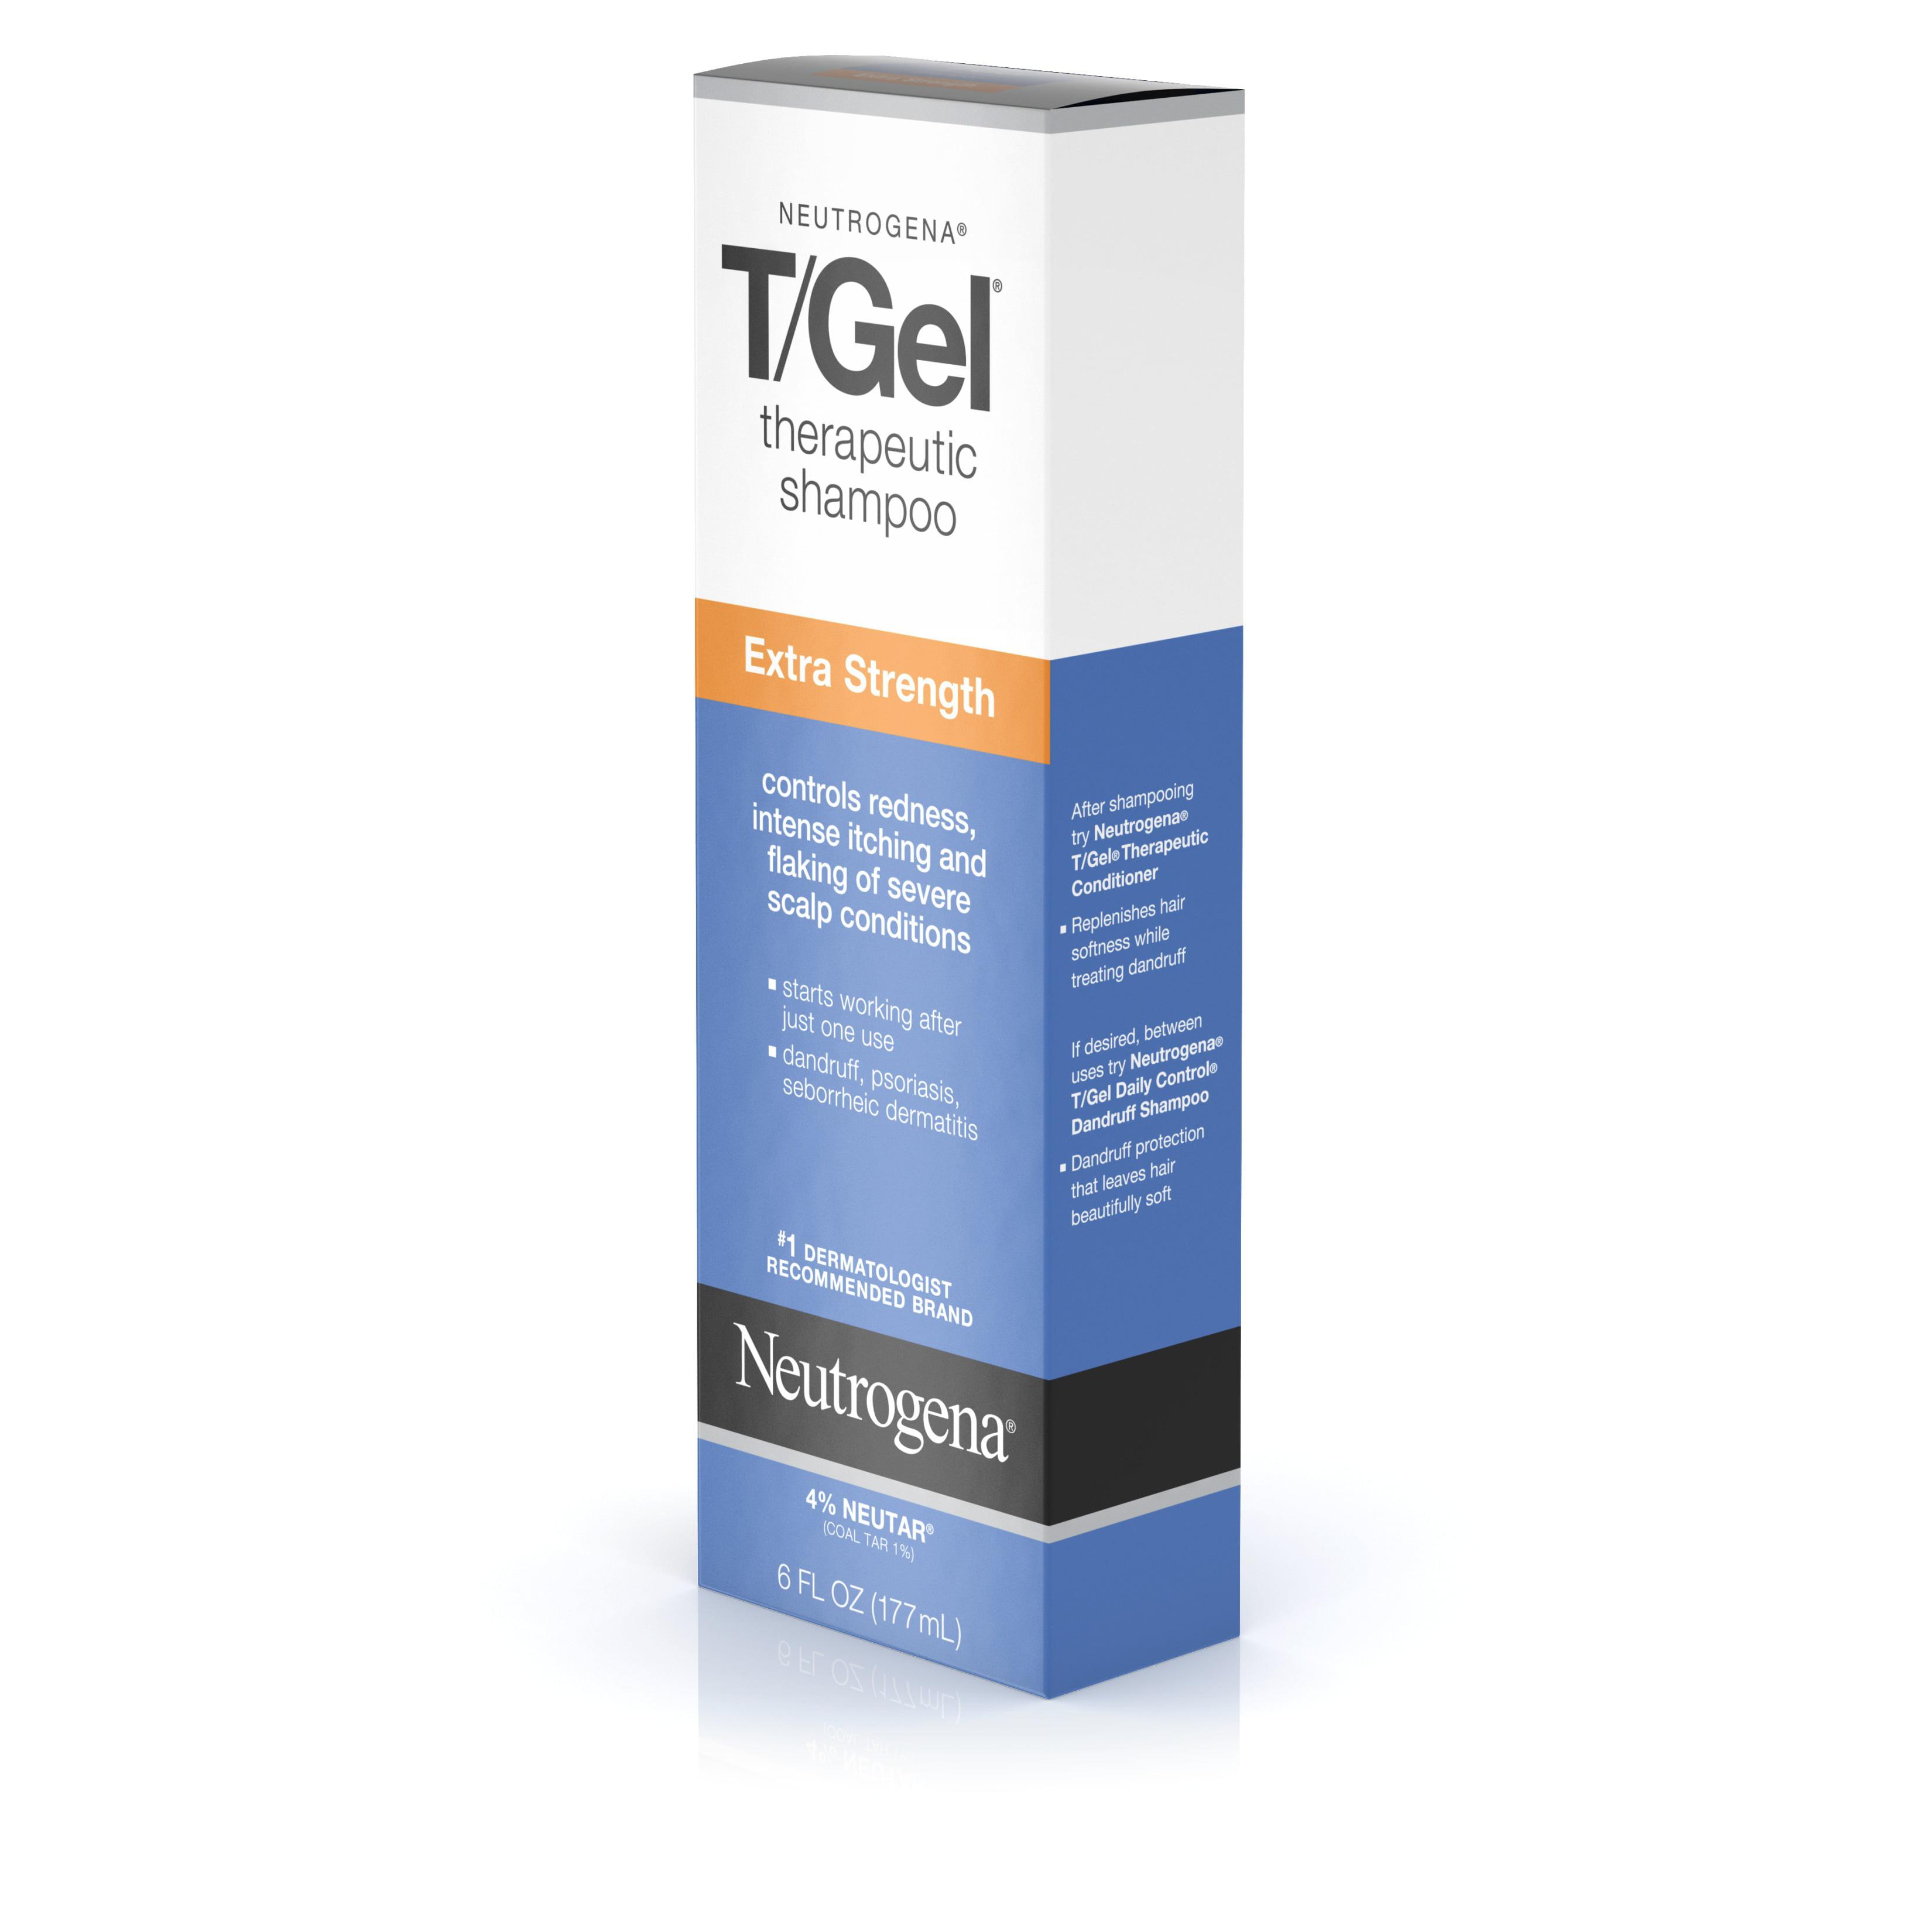 neutrogena t gel extra strength therapeutic shampoo 6 oz